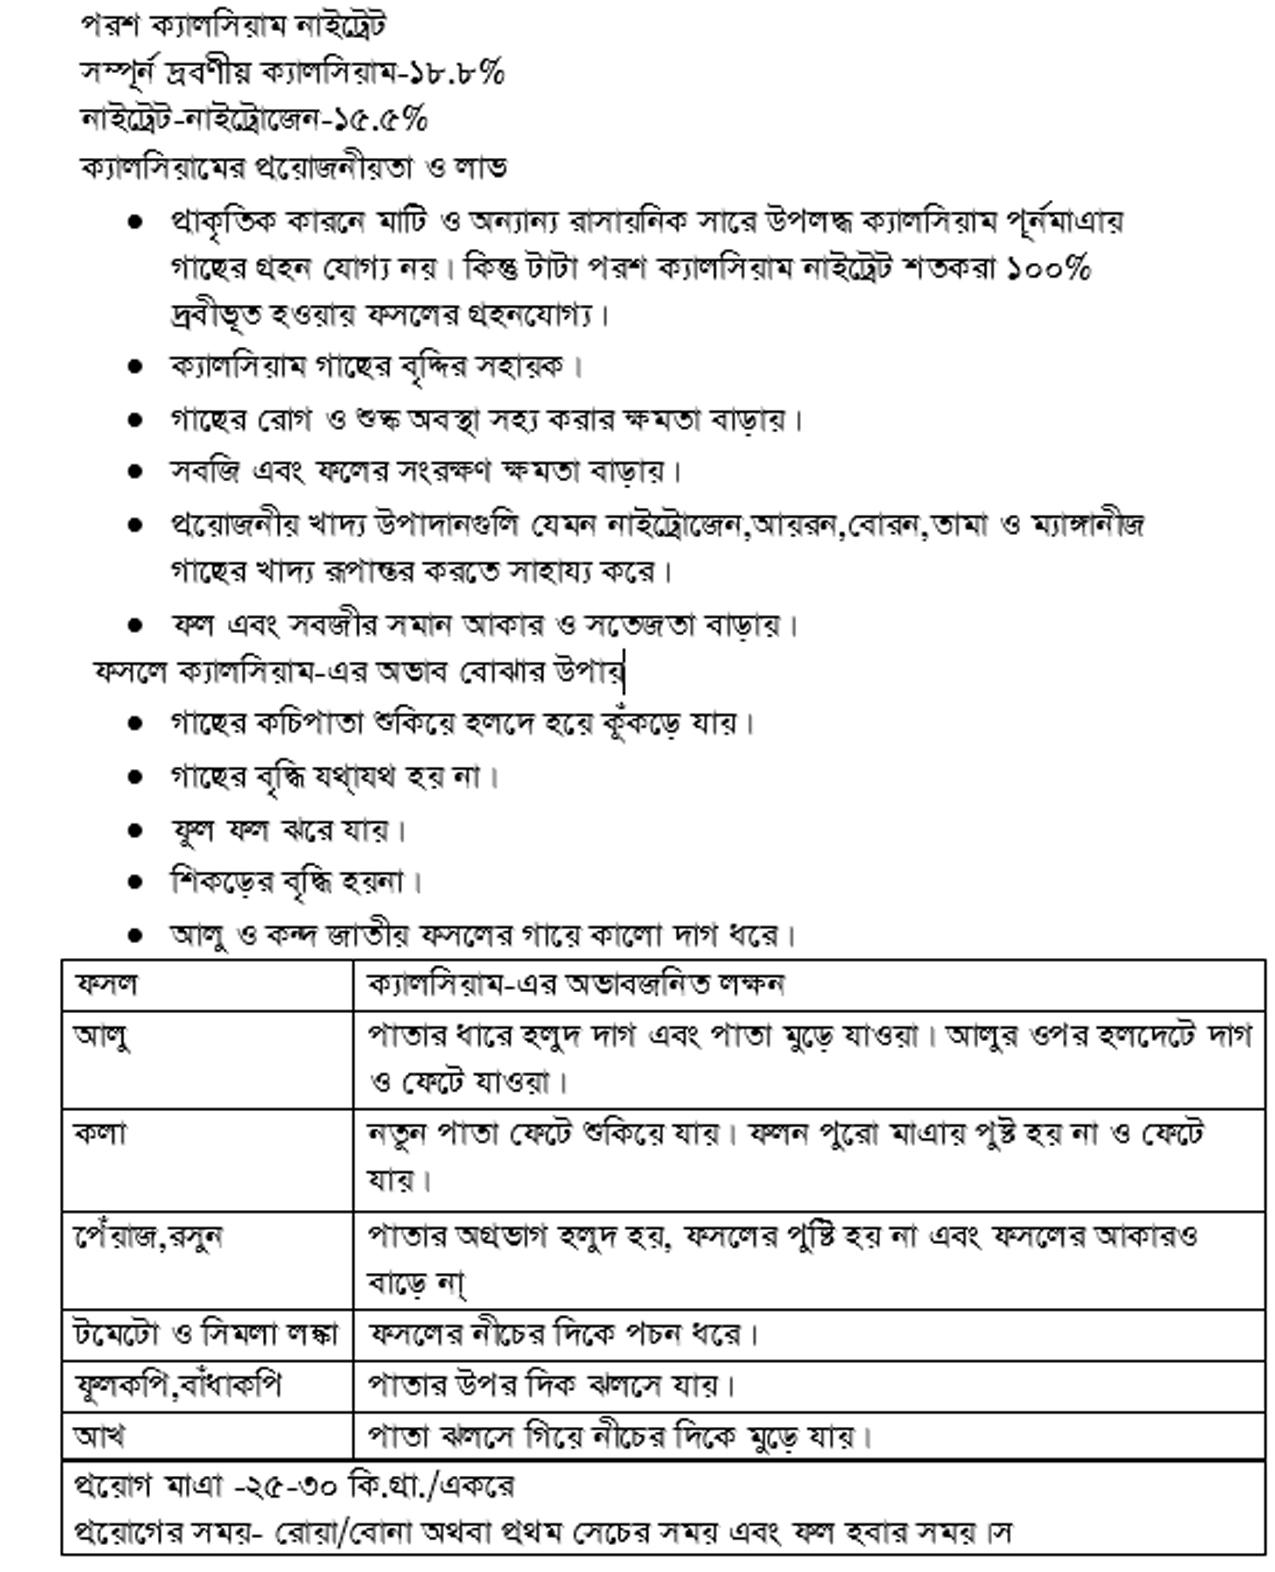 Paras-Calcium-Nitrate-Bengali